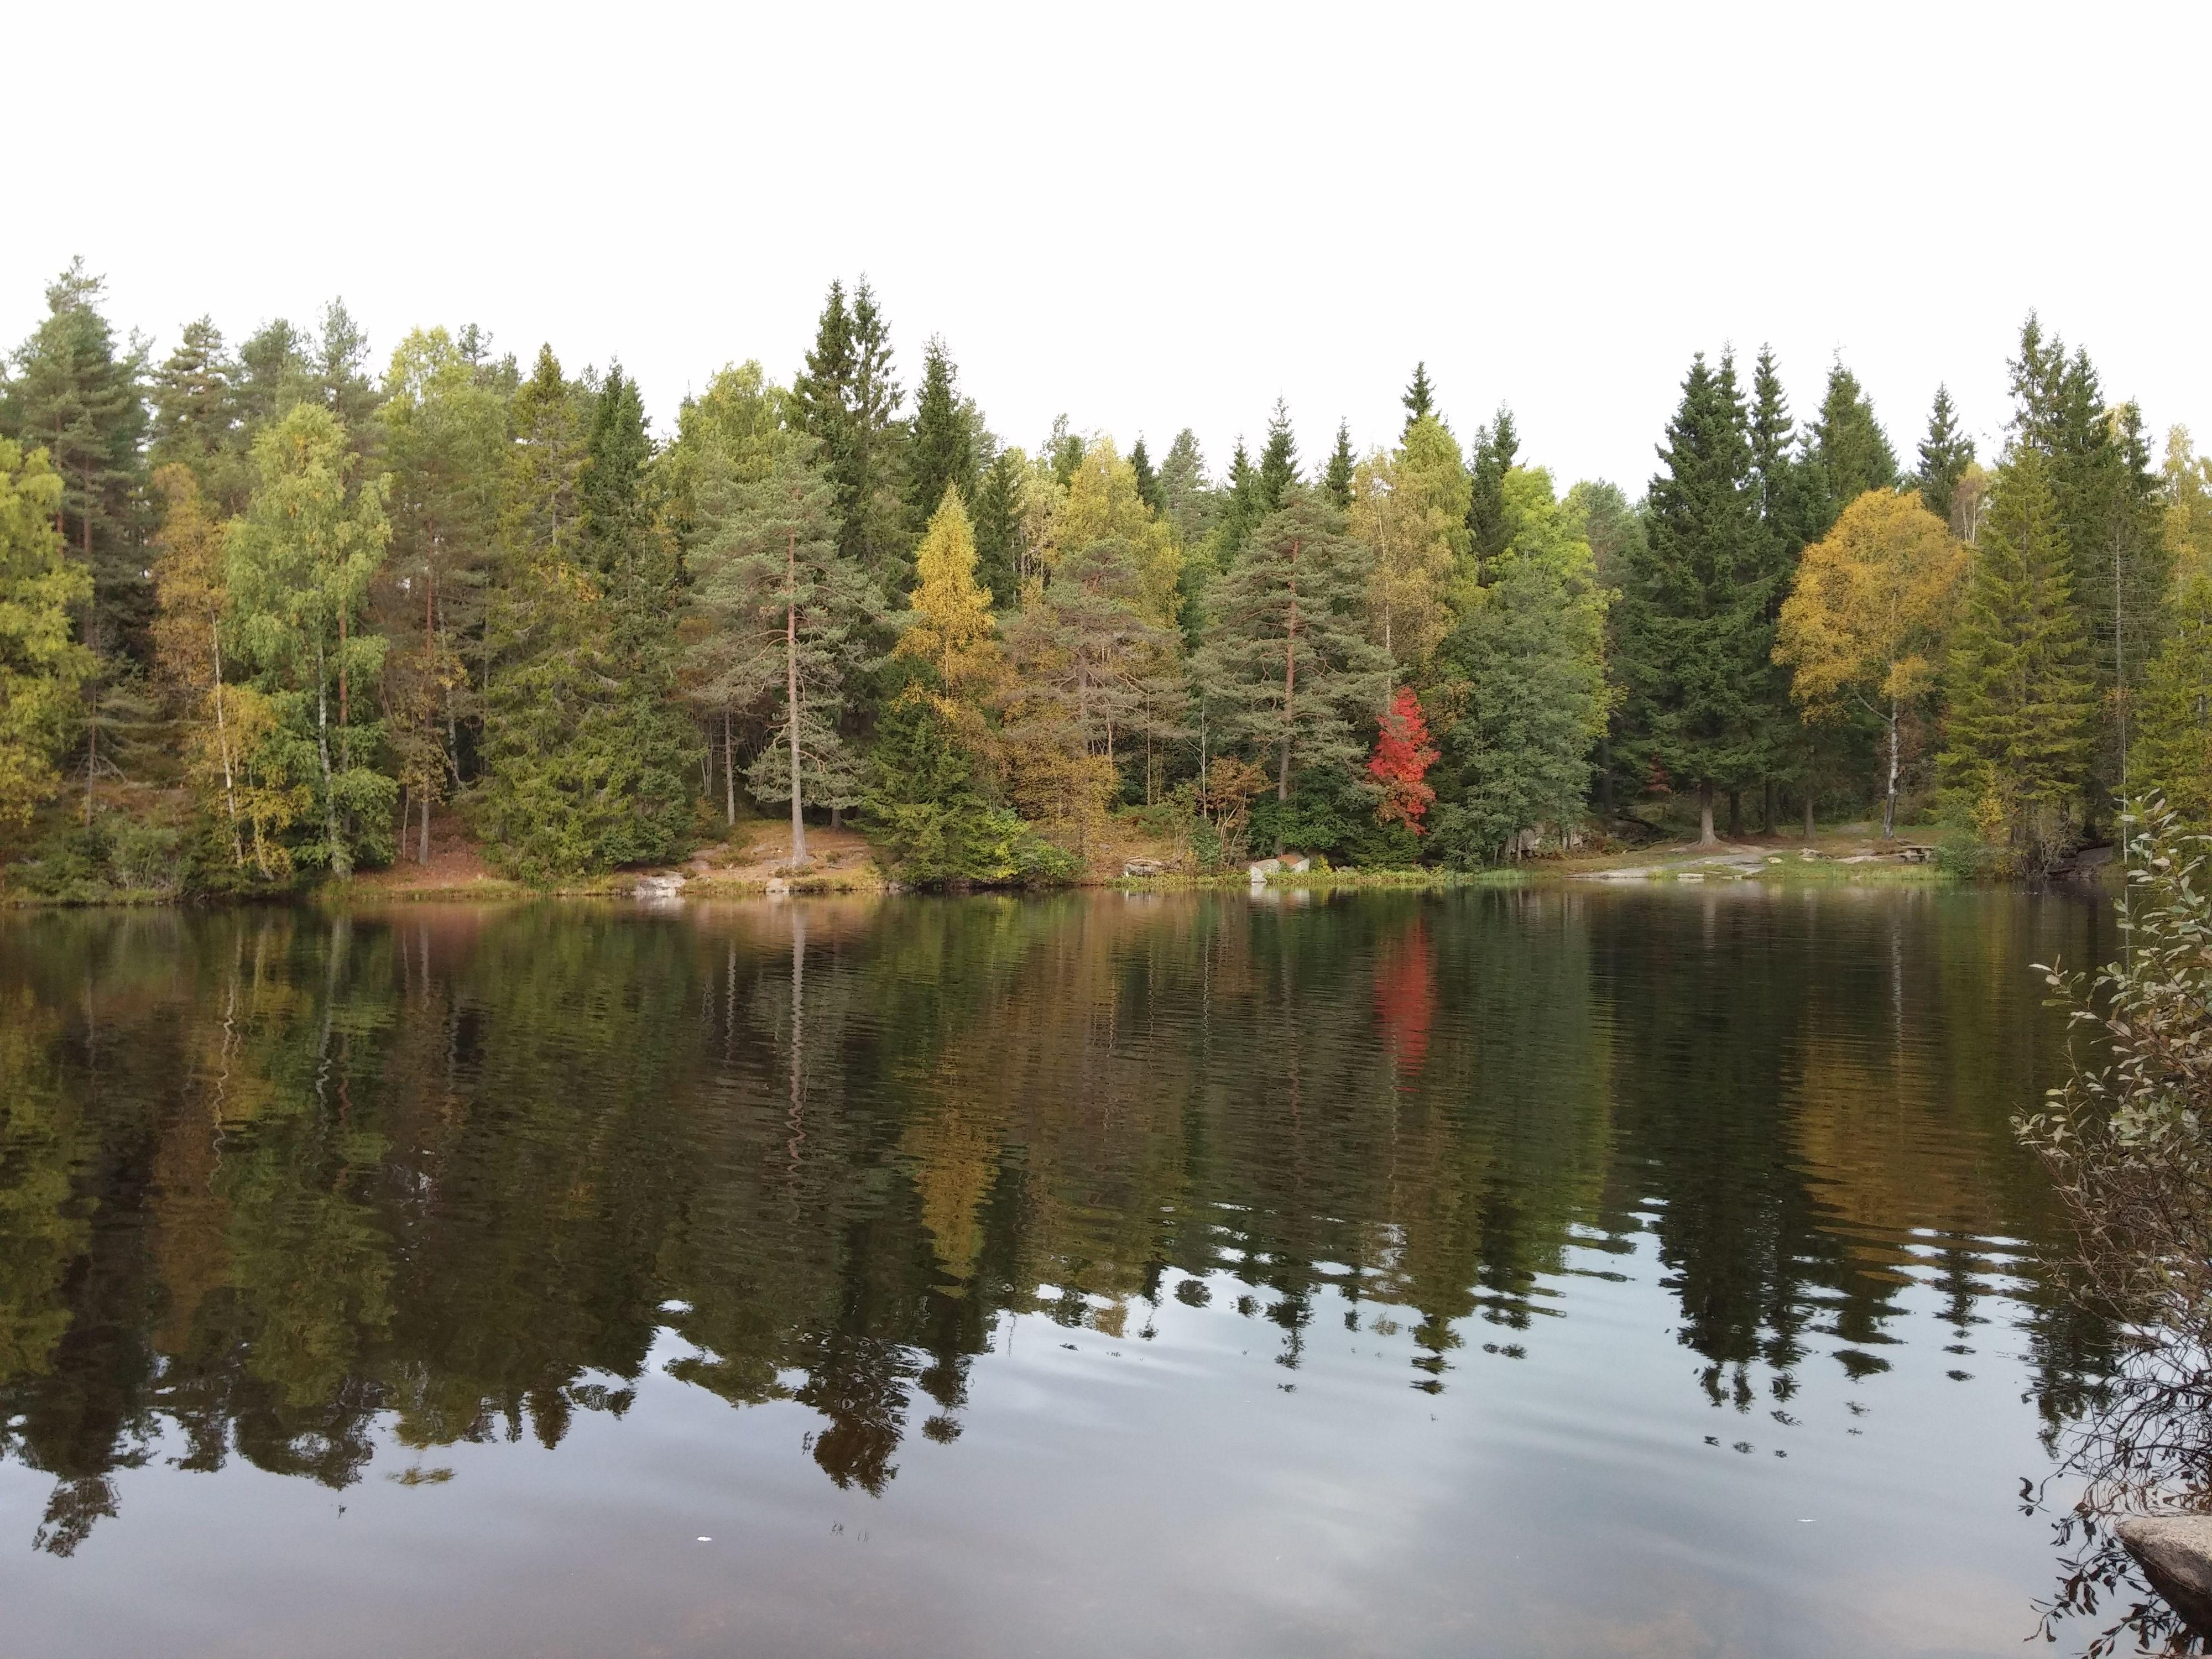 Skogsbildet fra sammenlikningsmontasjen i full størrelse.